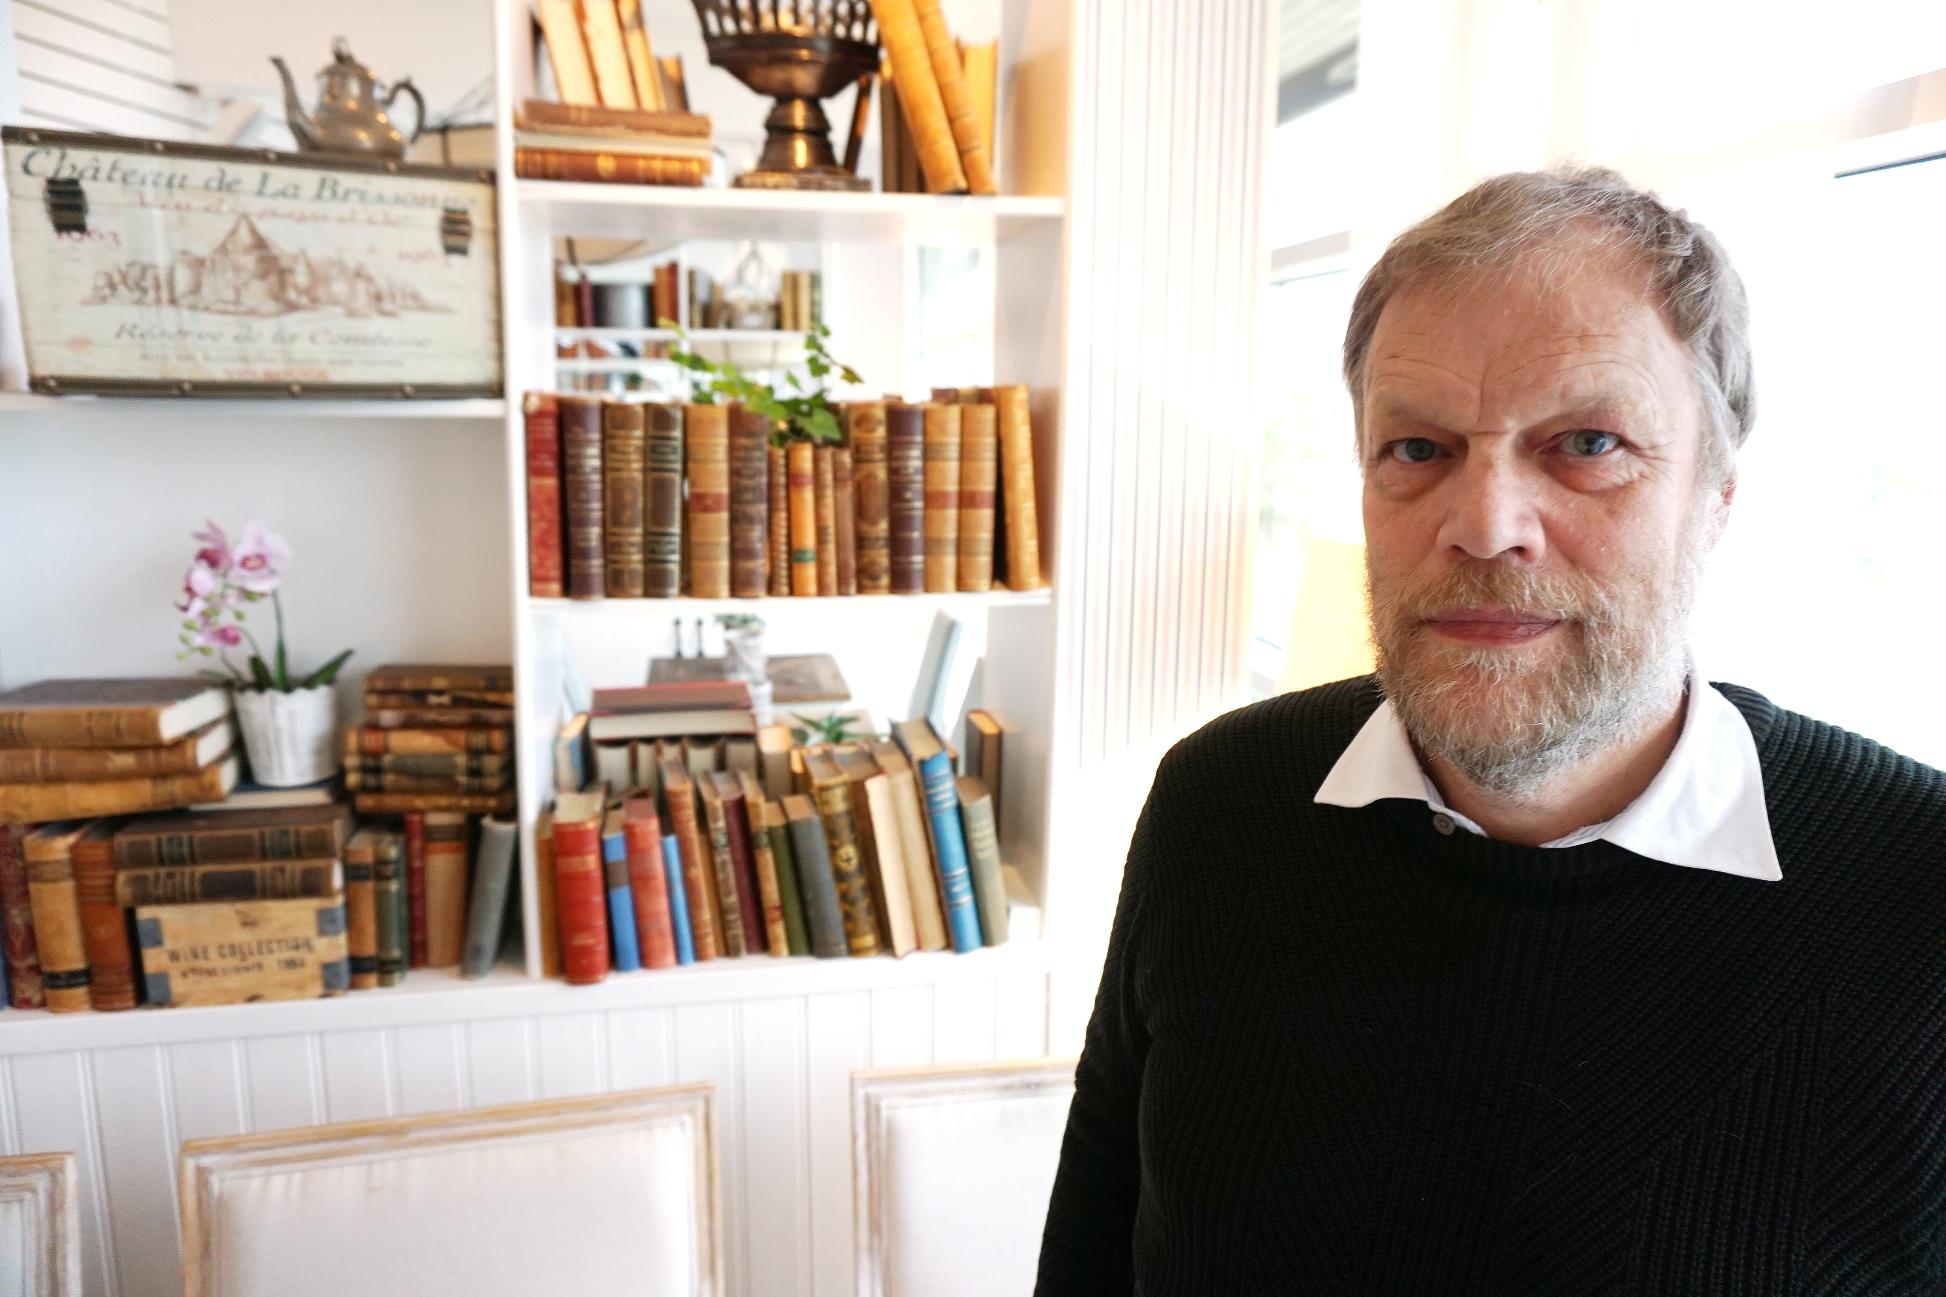 Christer Bengtsson, vävnadsmottagare som fick nya hornhinnor på båda ögonen och återfick synen.